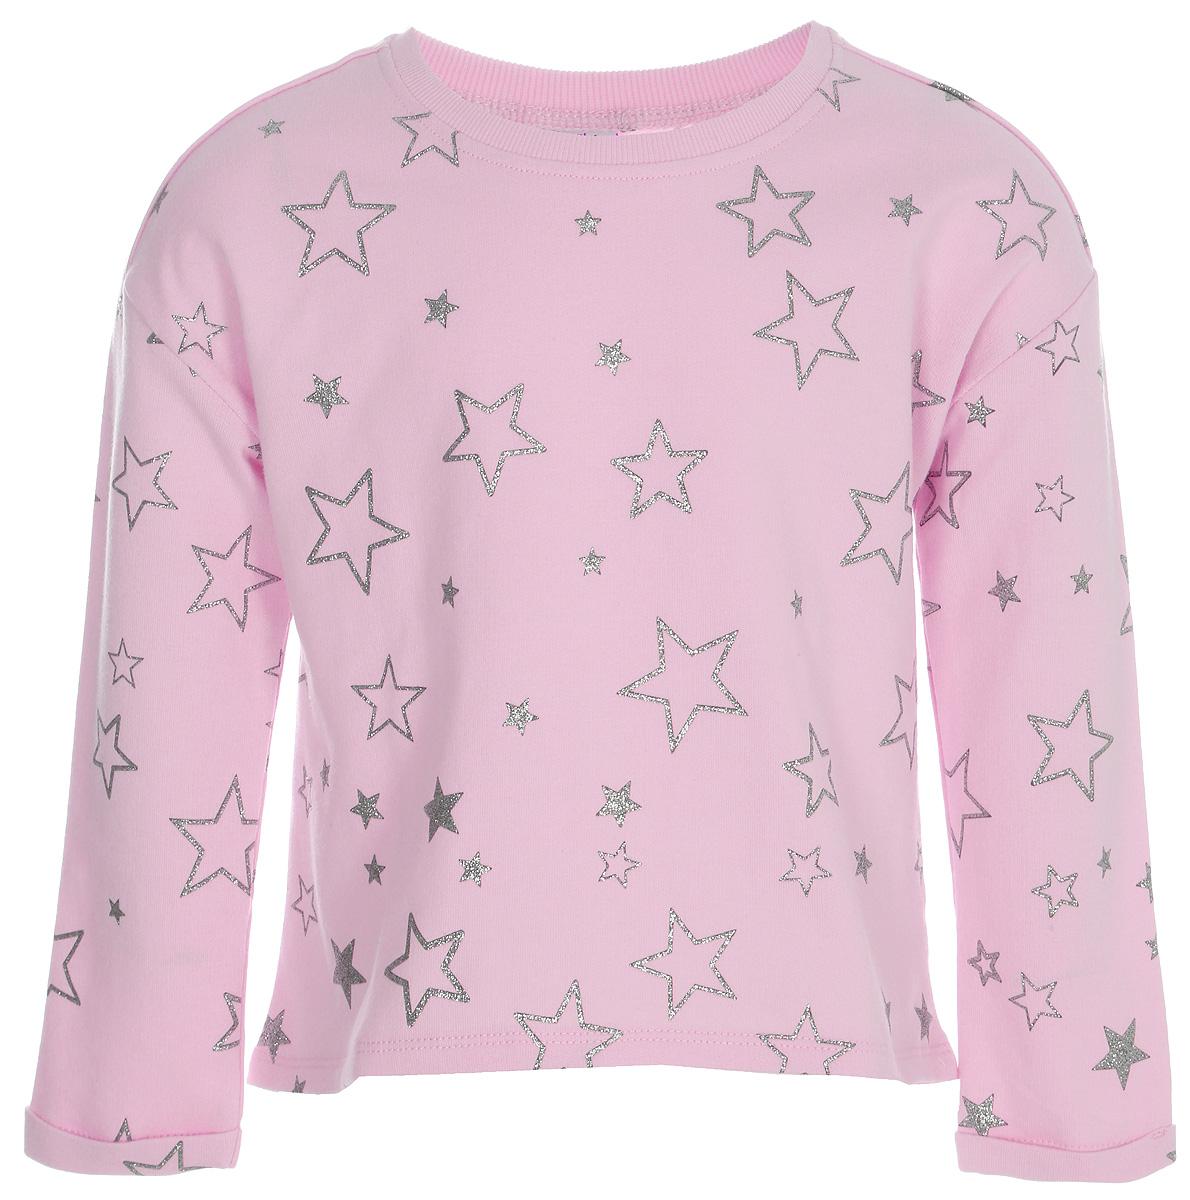 Джемпер для девочки Sela, цвет: розовый. St-513/376-8121. Размер 98St-513/376-8121Джемпер для девочки Sela выполнен из качественного материала. Модель с круглым вырезом горловины и длинными рукавами.